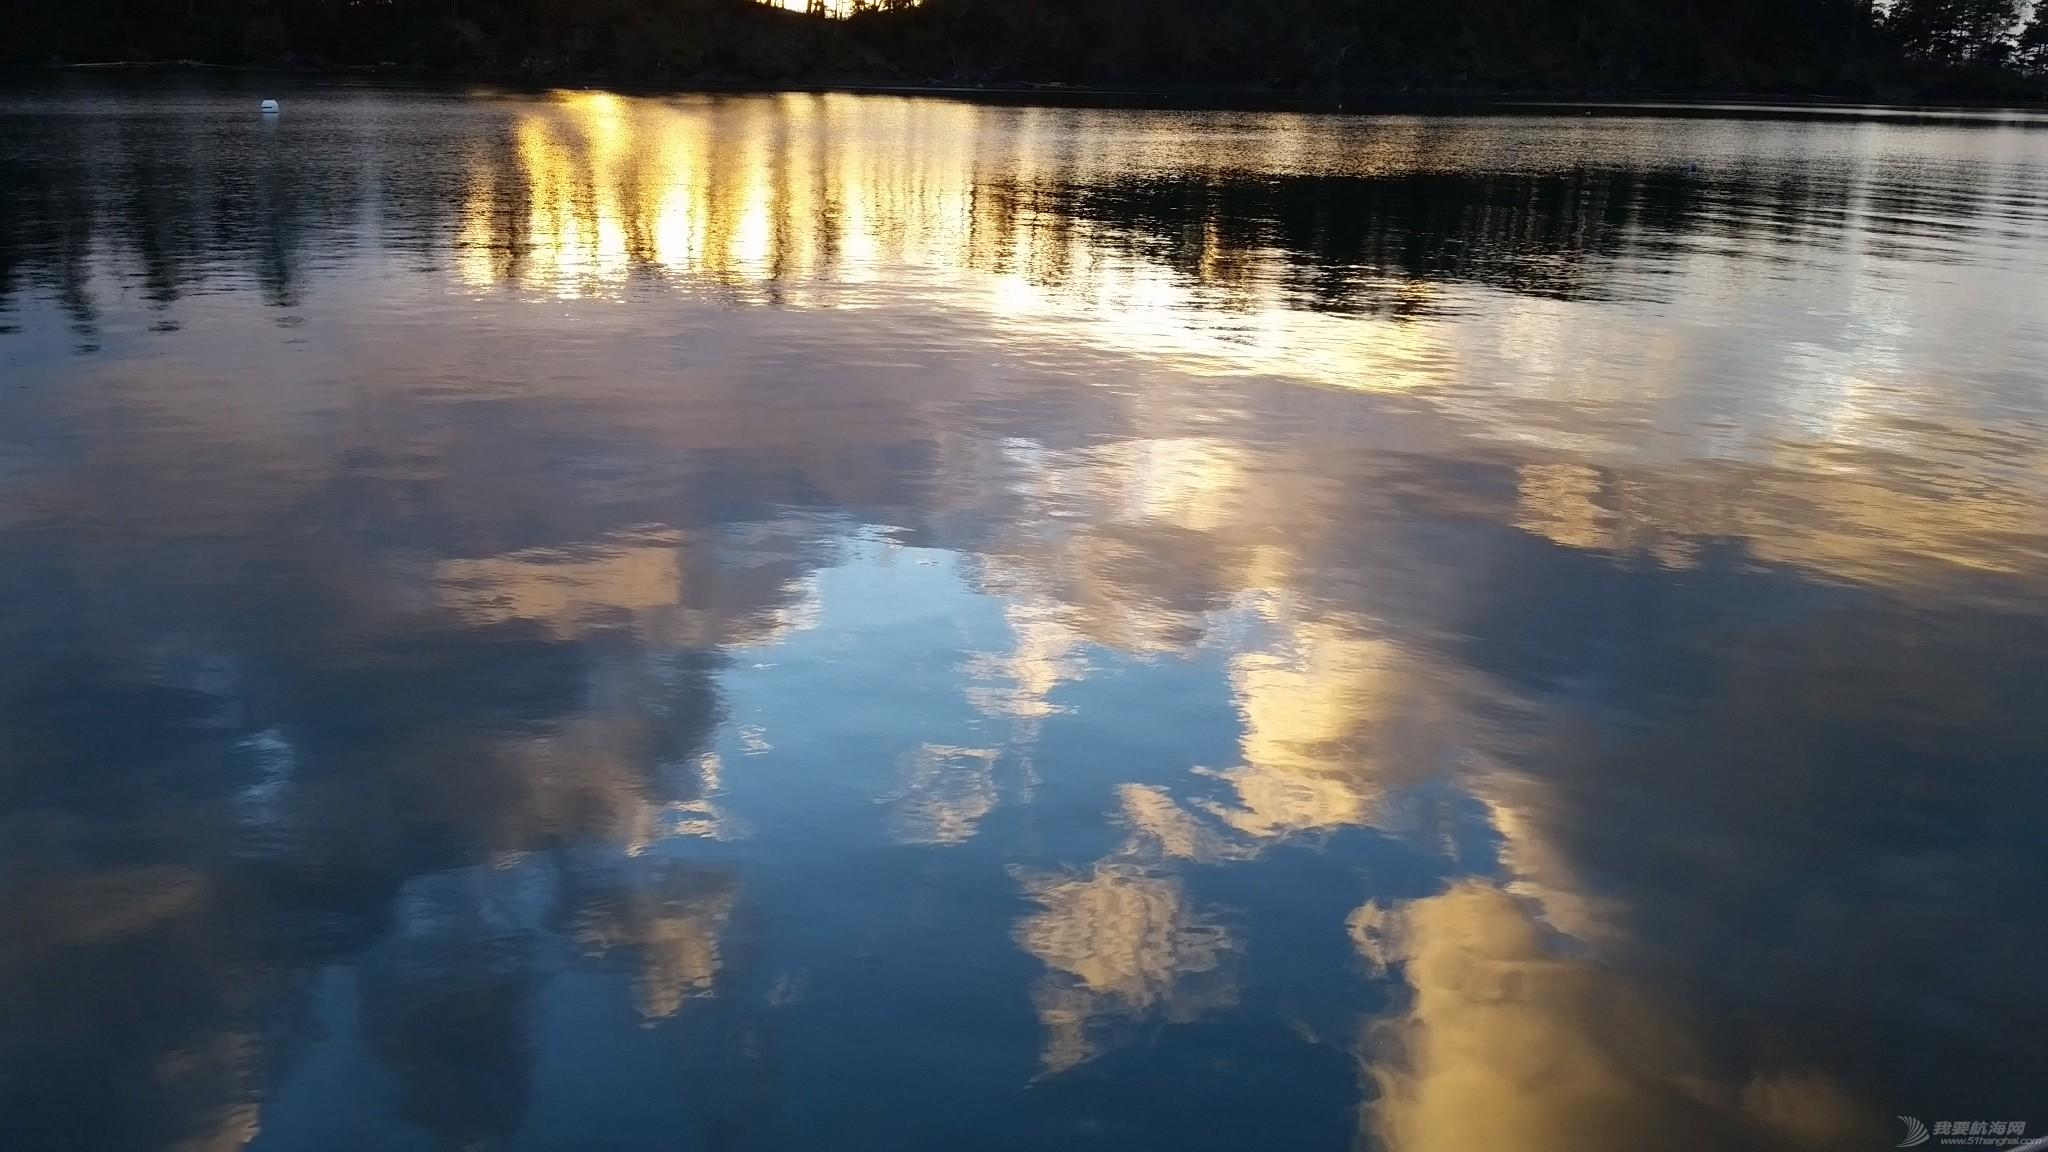 奥林匹克,罗萨里奥,大自然,圣胡安,气象预报 2011年一次圣诞节周末全家航海(一) 20151225_155204.jpg